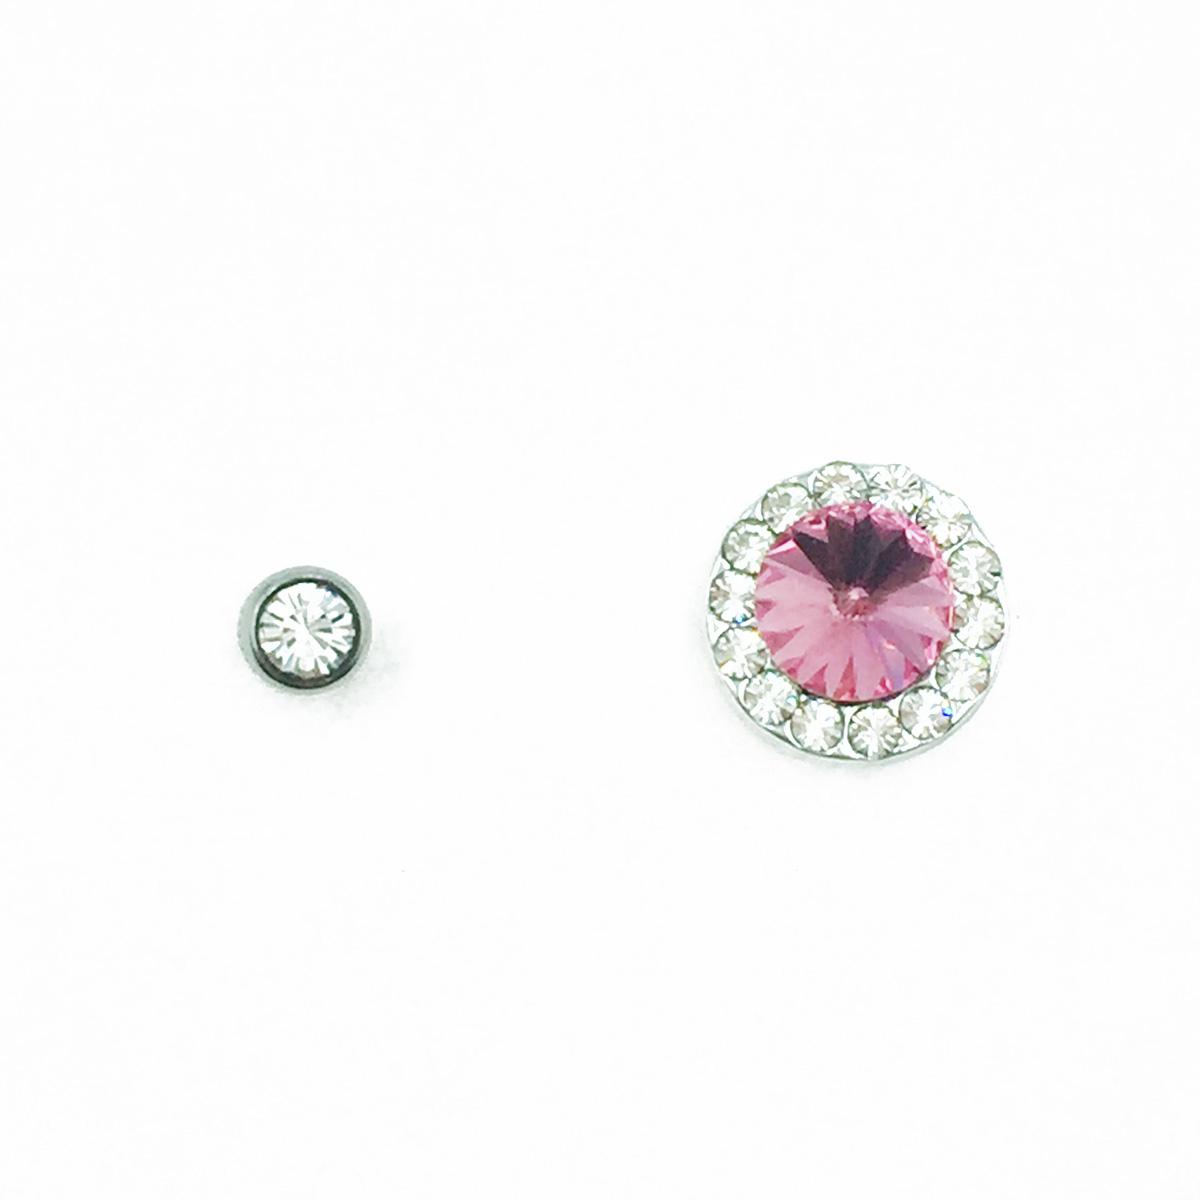 不鏽鋼 水鑽 單鑽 圓鑽 粉鑽 後轉式針式耳環